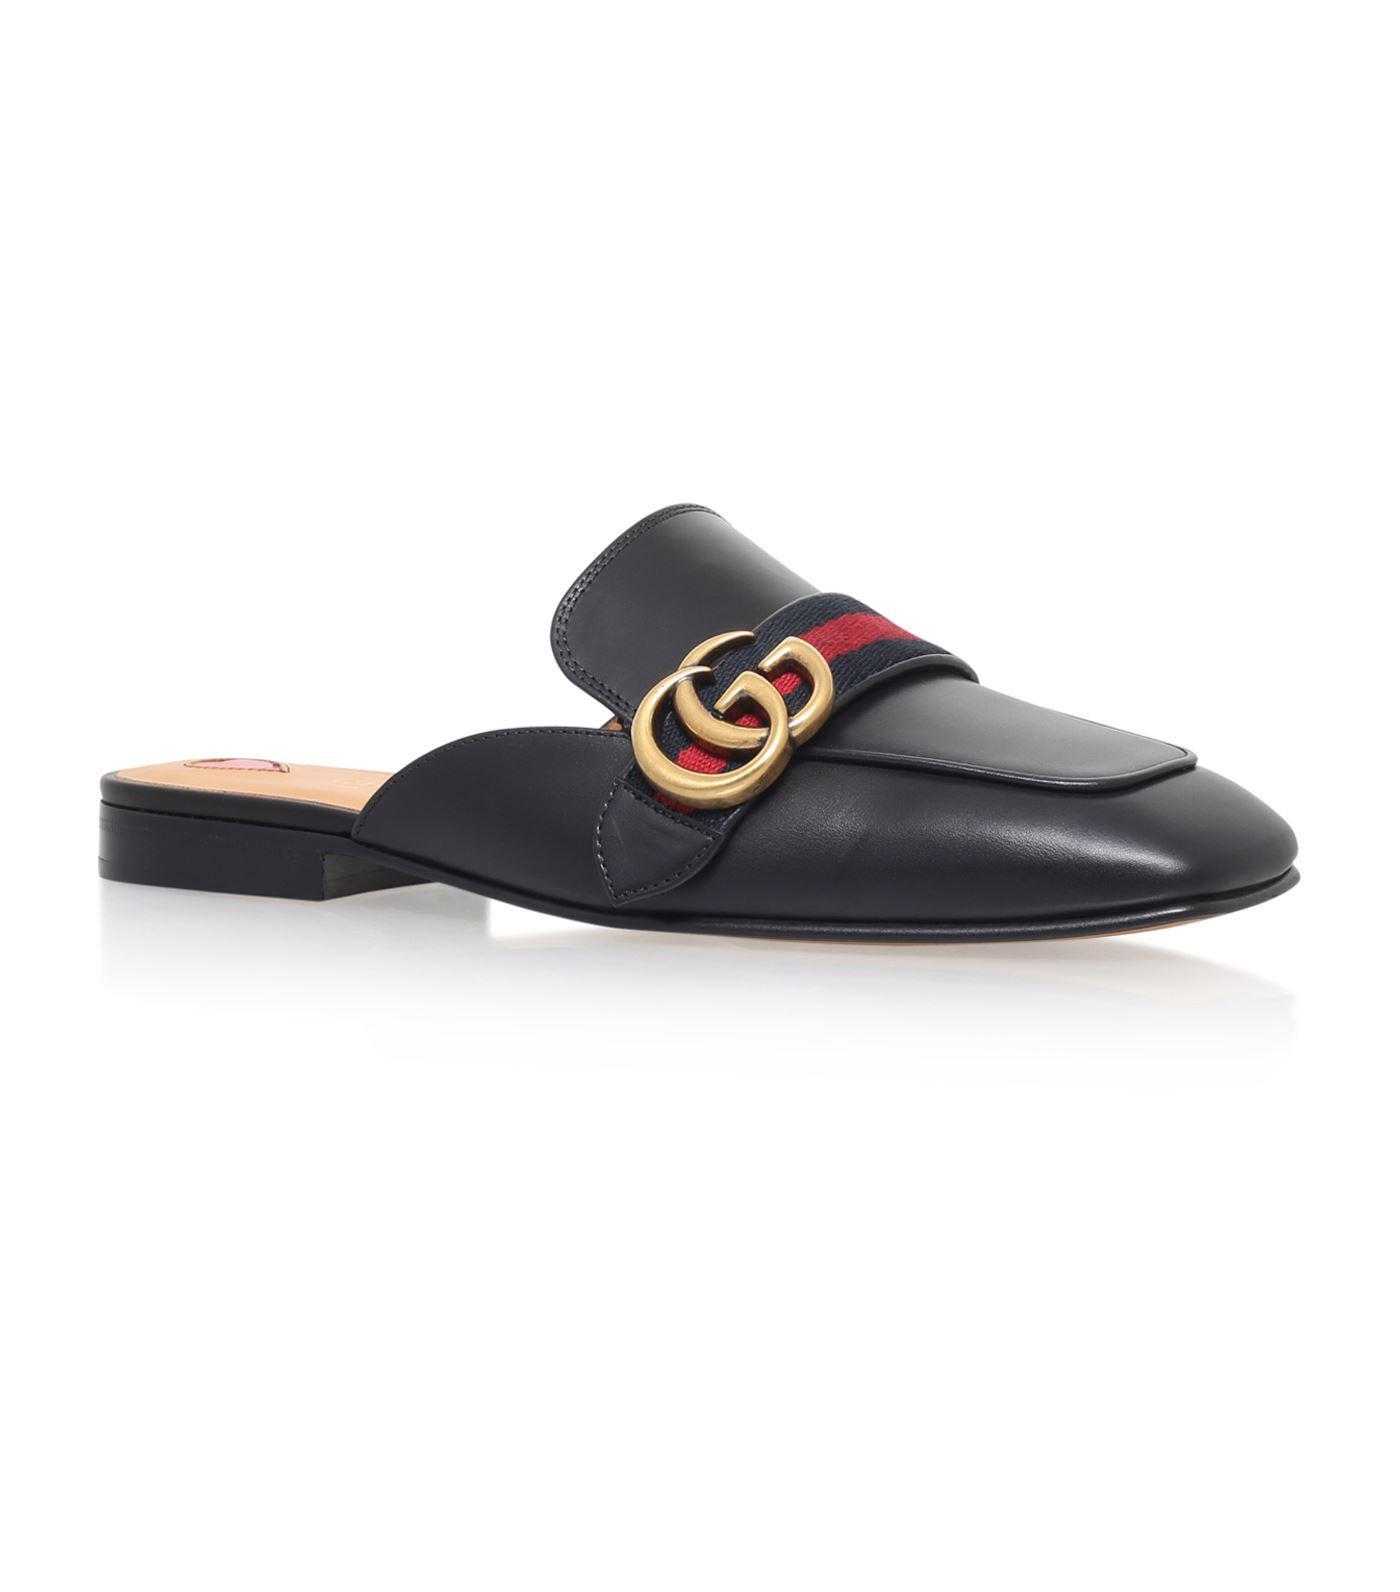 48a1c05d113 Gucci Leather Slipper in Black - Lyst